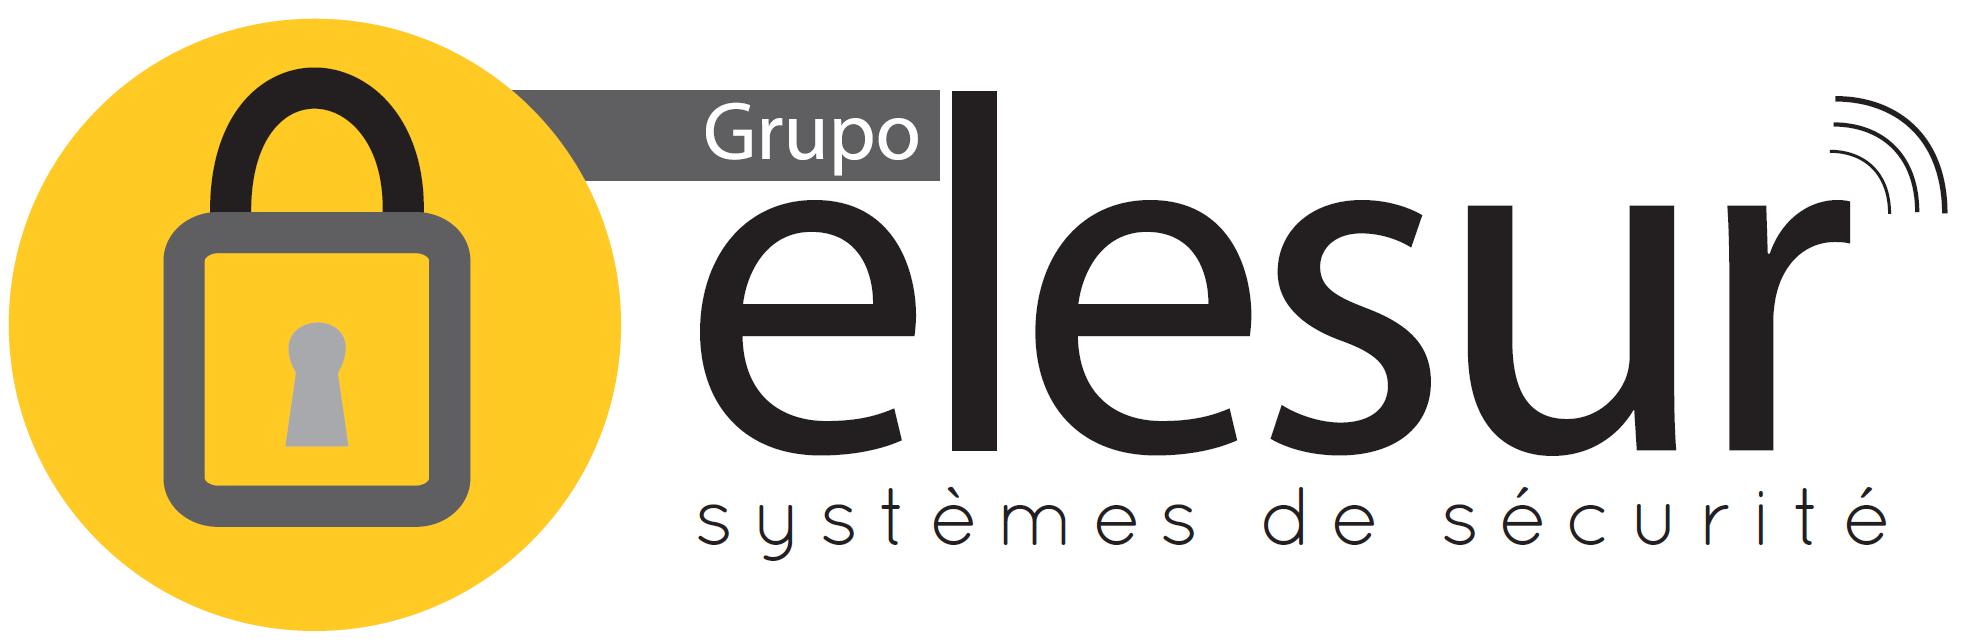 Grupo Elesur